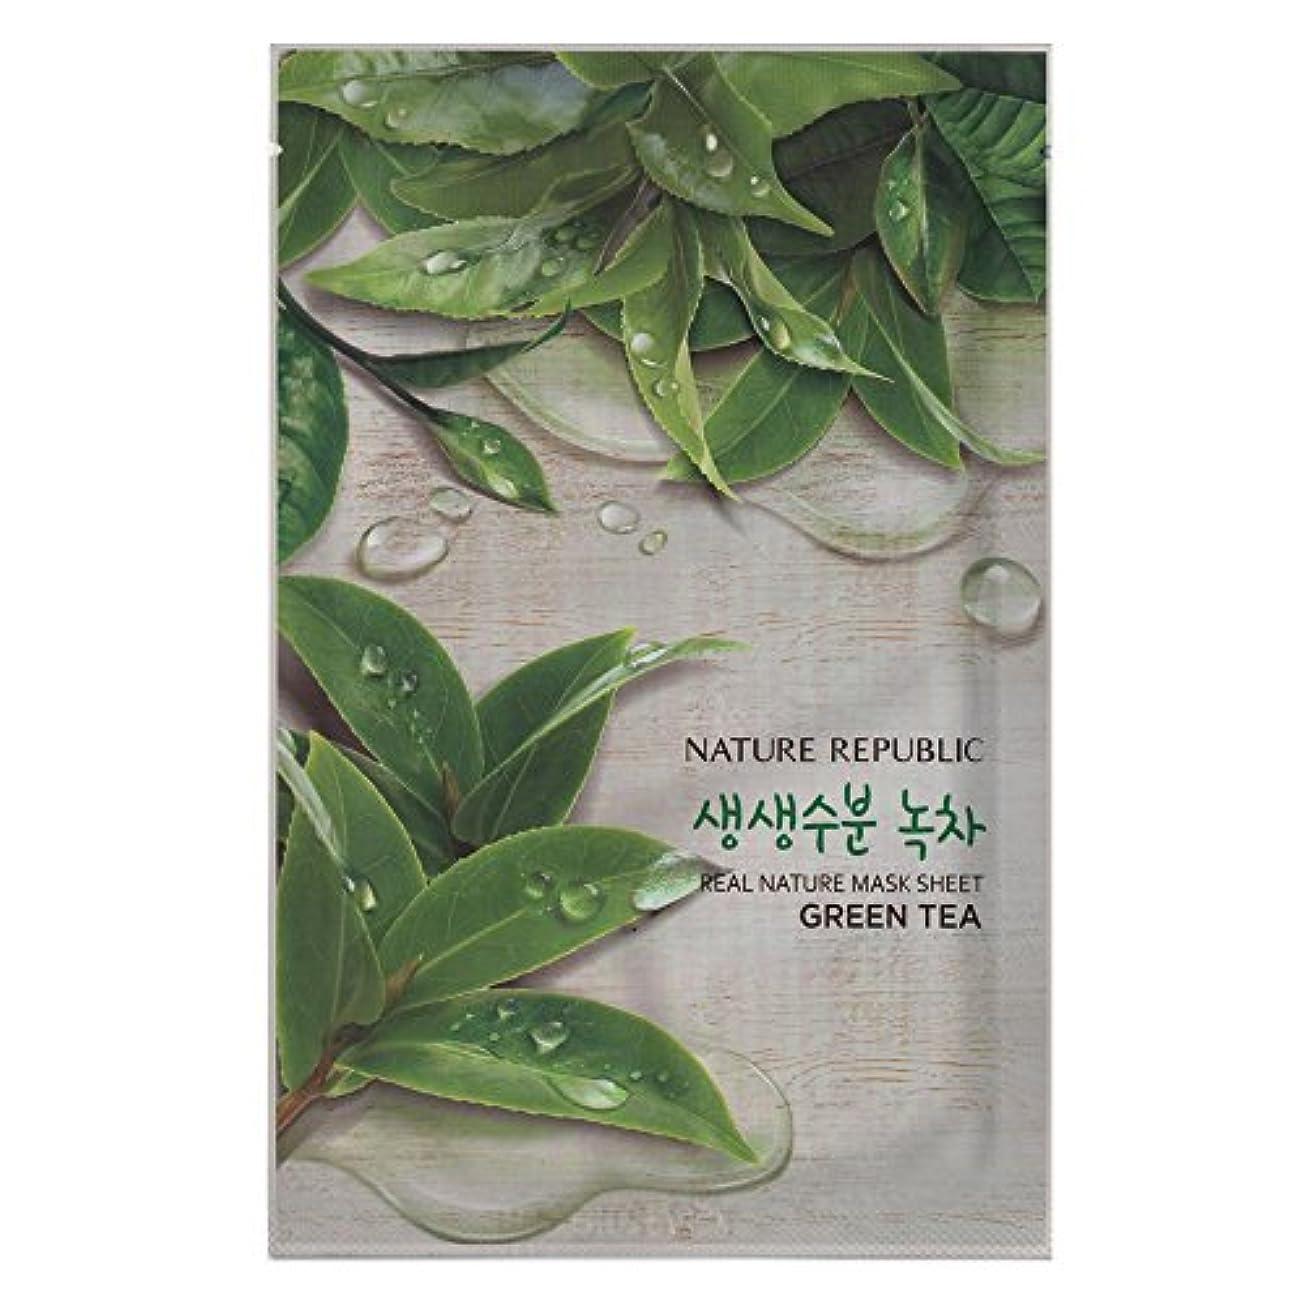 ブランデーピジン予測[NATURE REPUBLIC] リアルネイチャー マスクシート Real Nature Mask Sheet (Green Tea (緑茶) 10個) [並行輸入品]